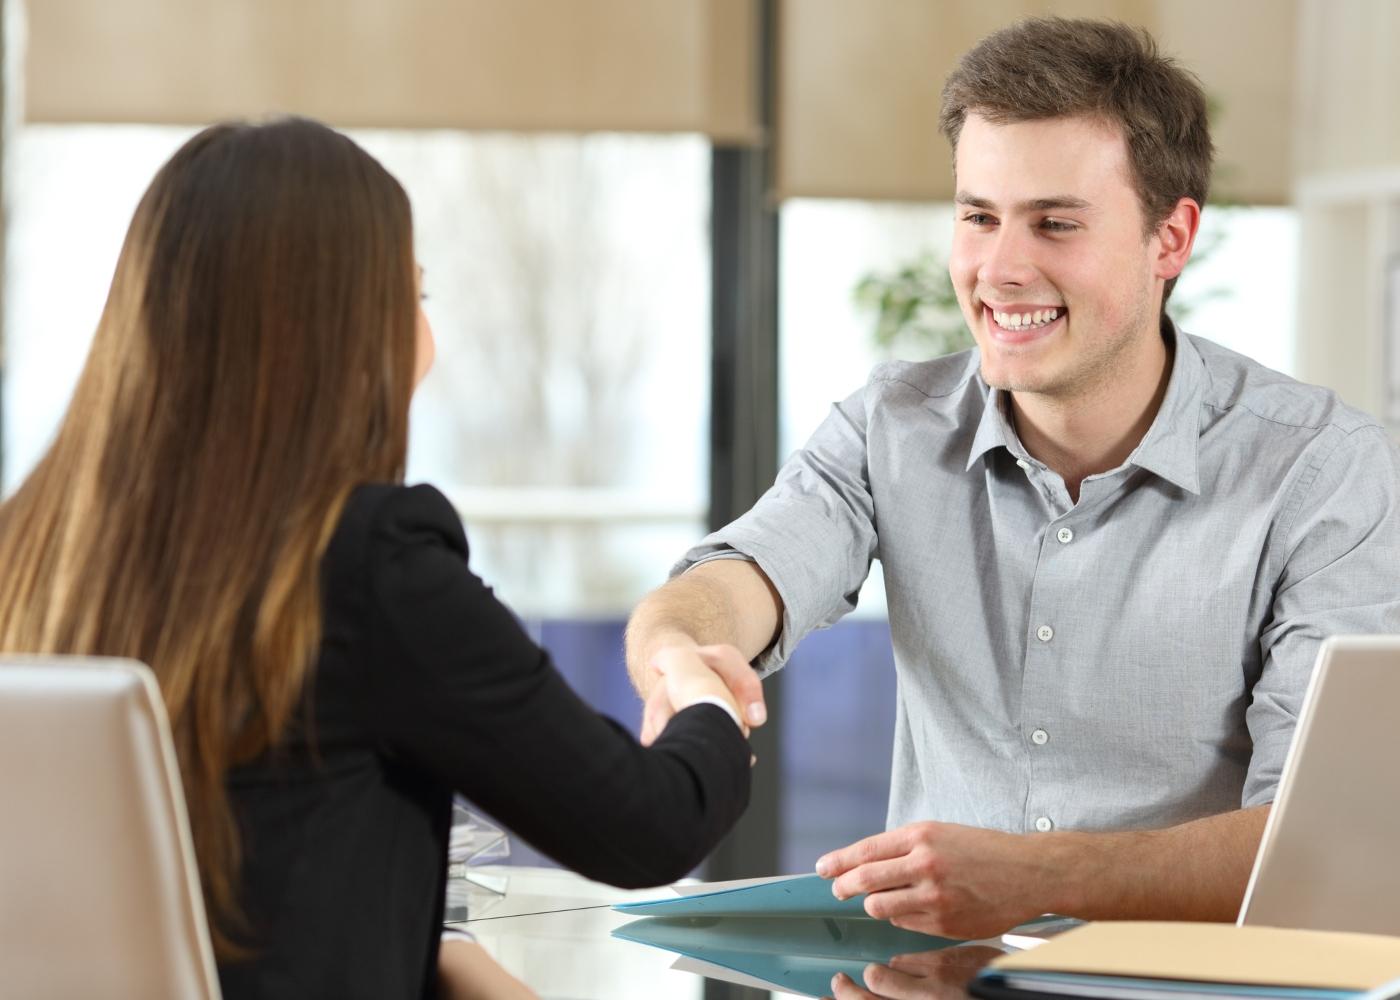 jovem a cumprimentar recrutadora na entrevista